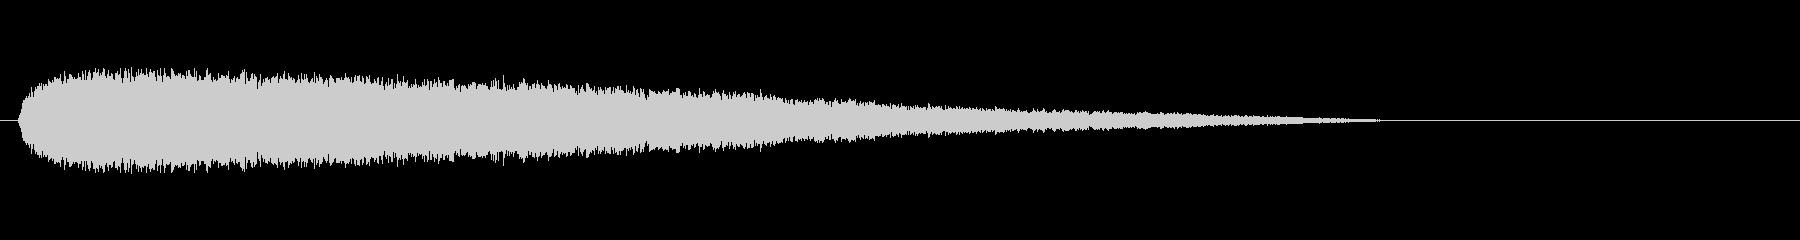 エアスクリーム4-ゾンビによるショ...の未再生の波形